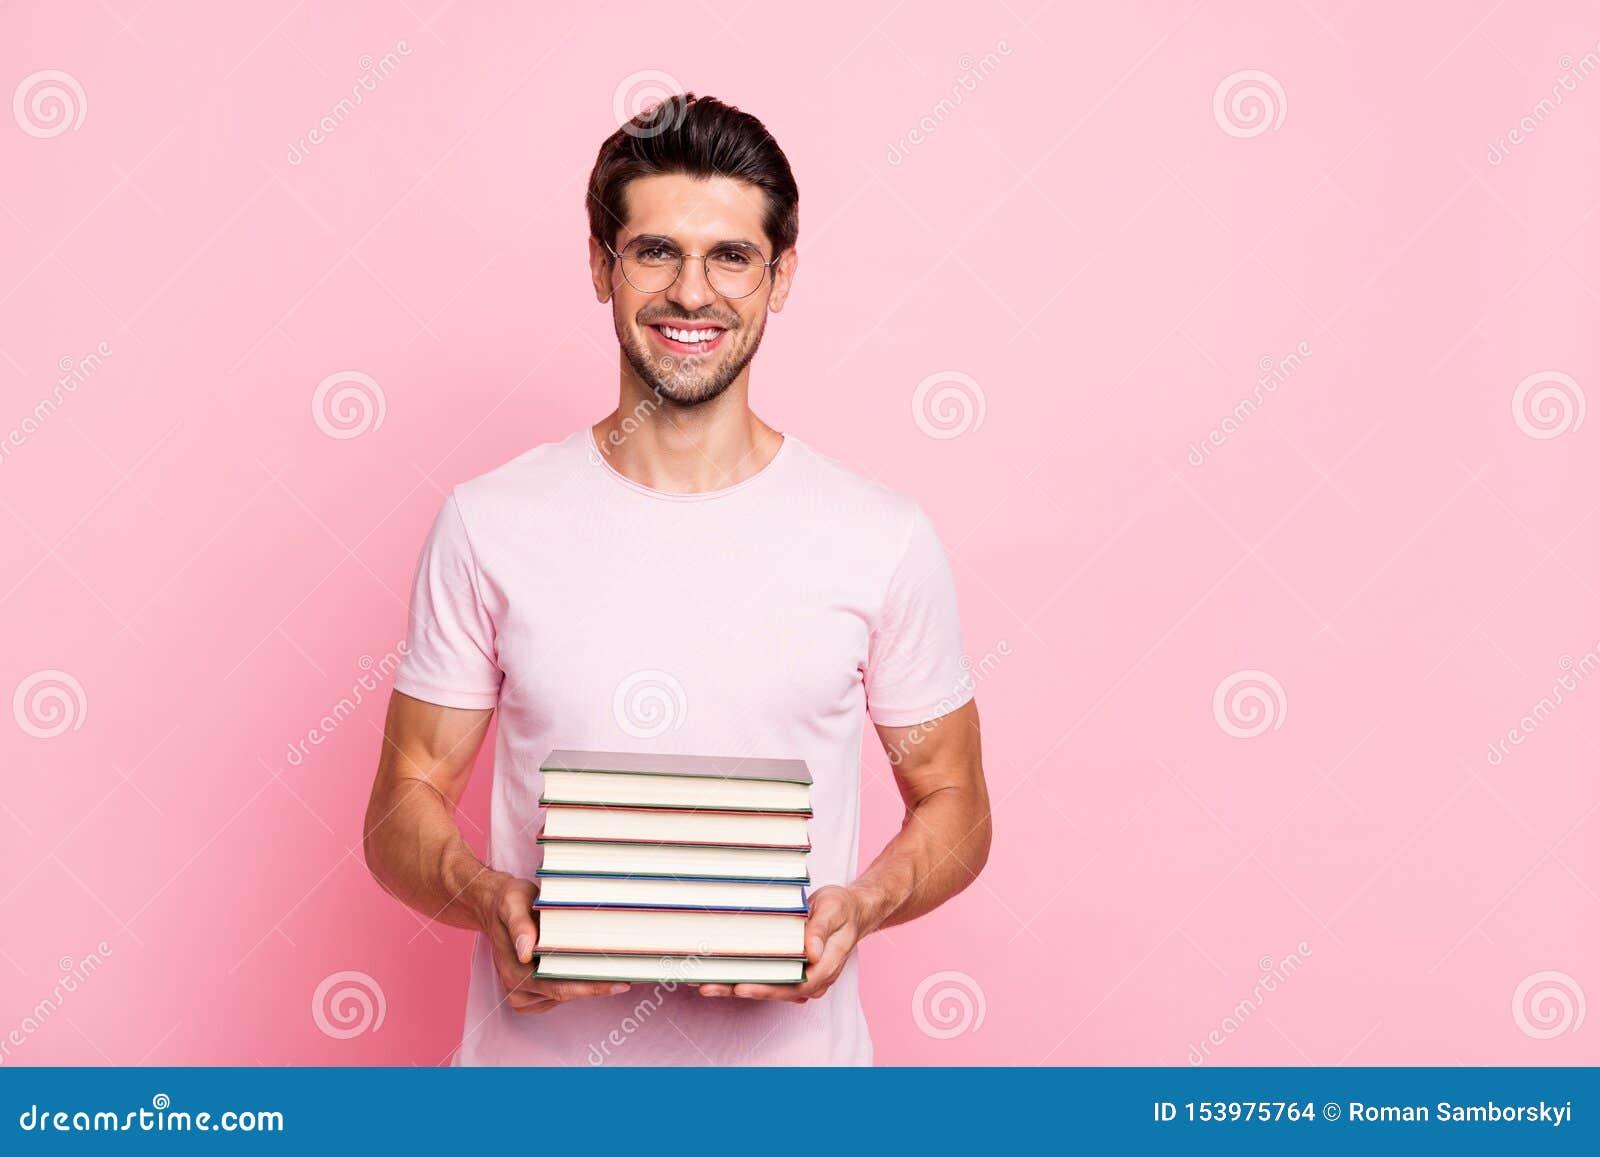 Portrait à lui il type intelligent intellectuel gai gai de contenu attrayant gentil maintenant se tenir dans le livre de mains